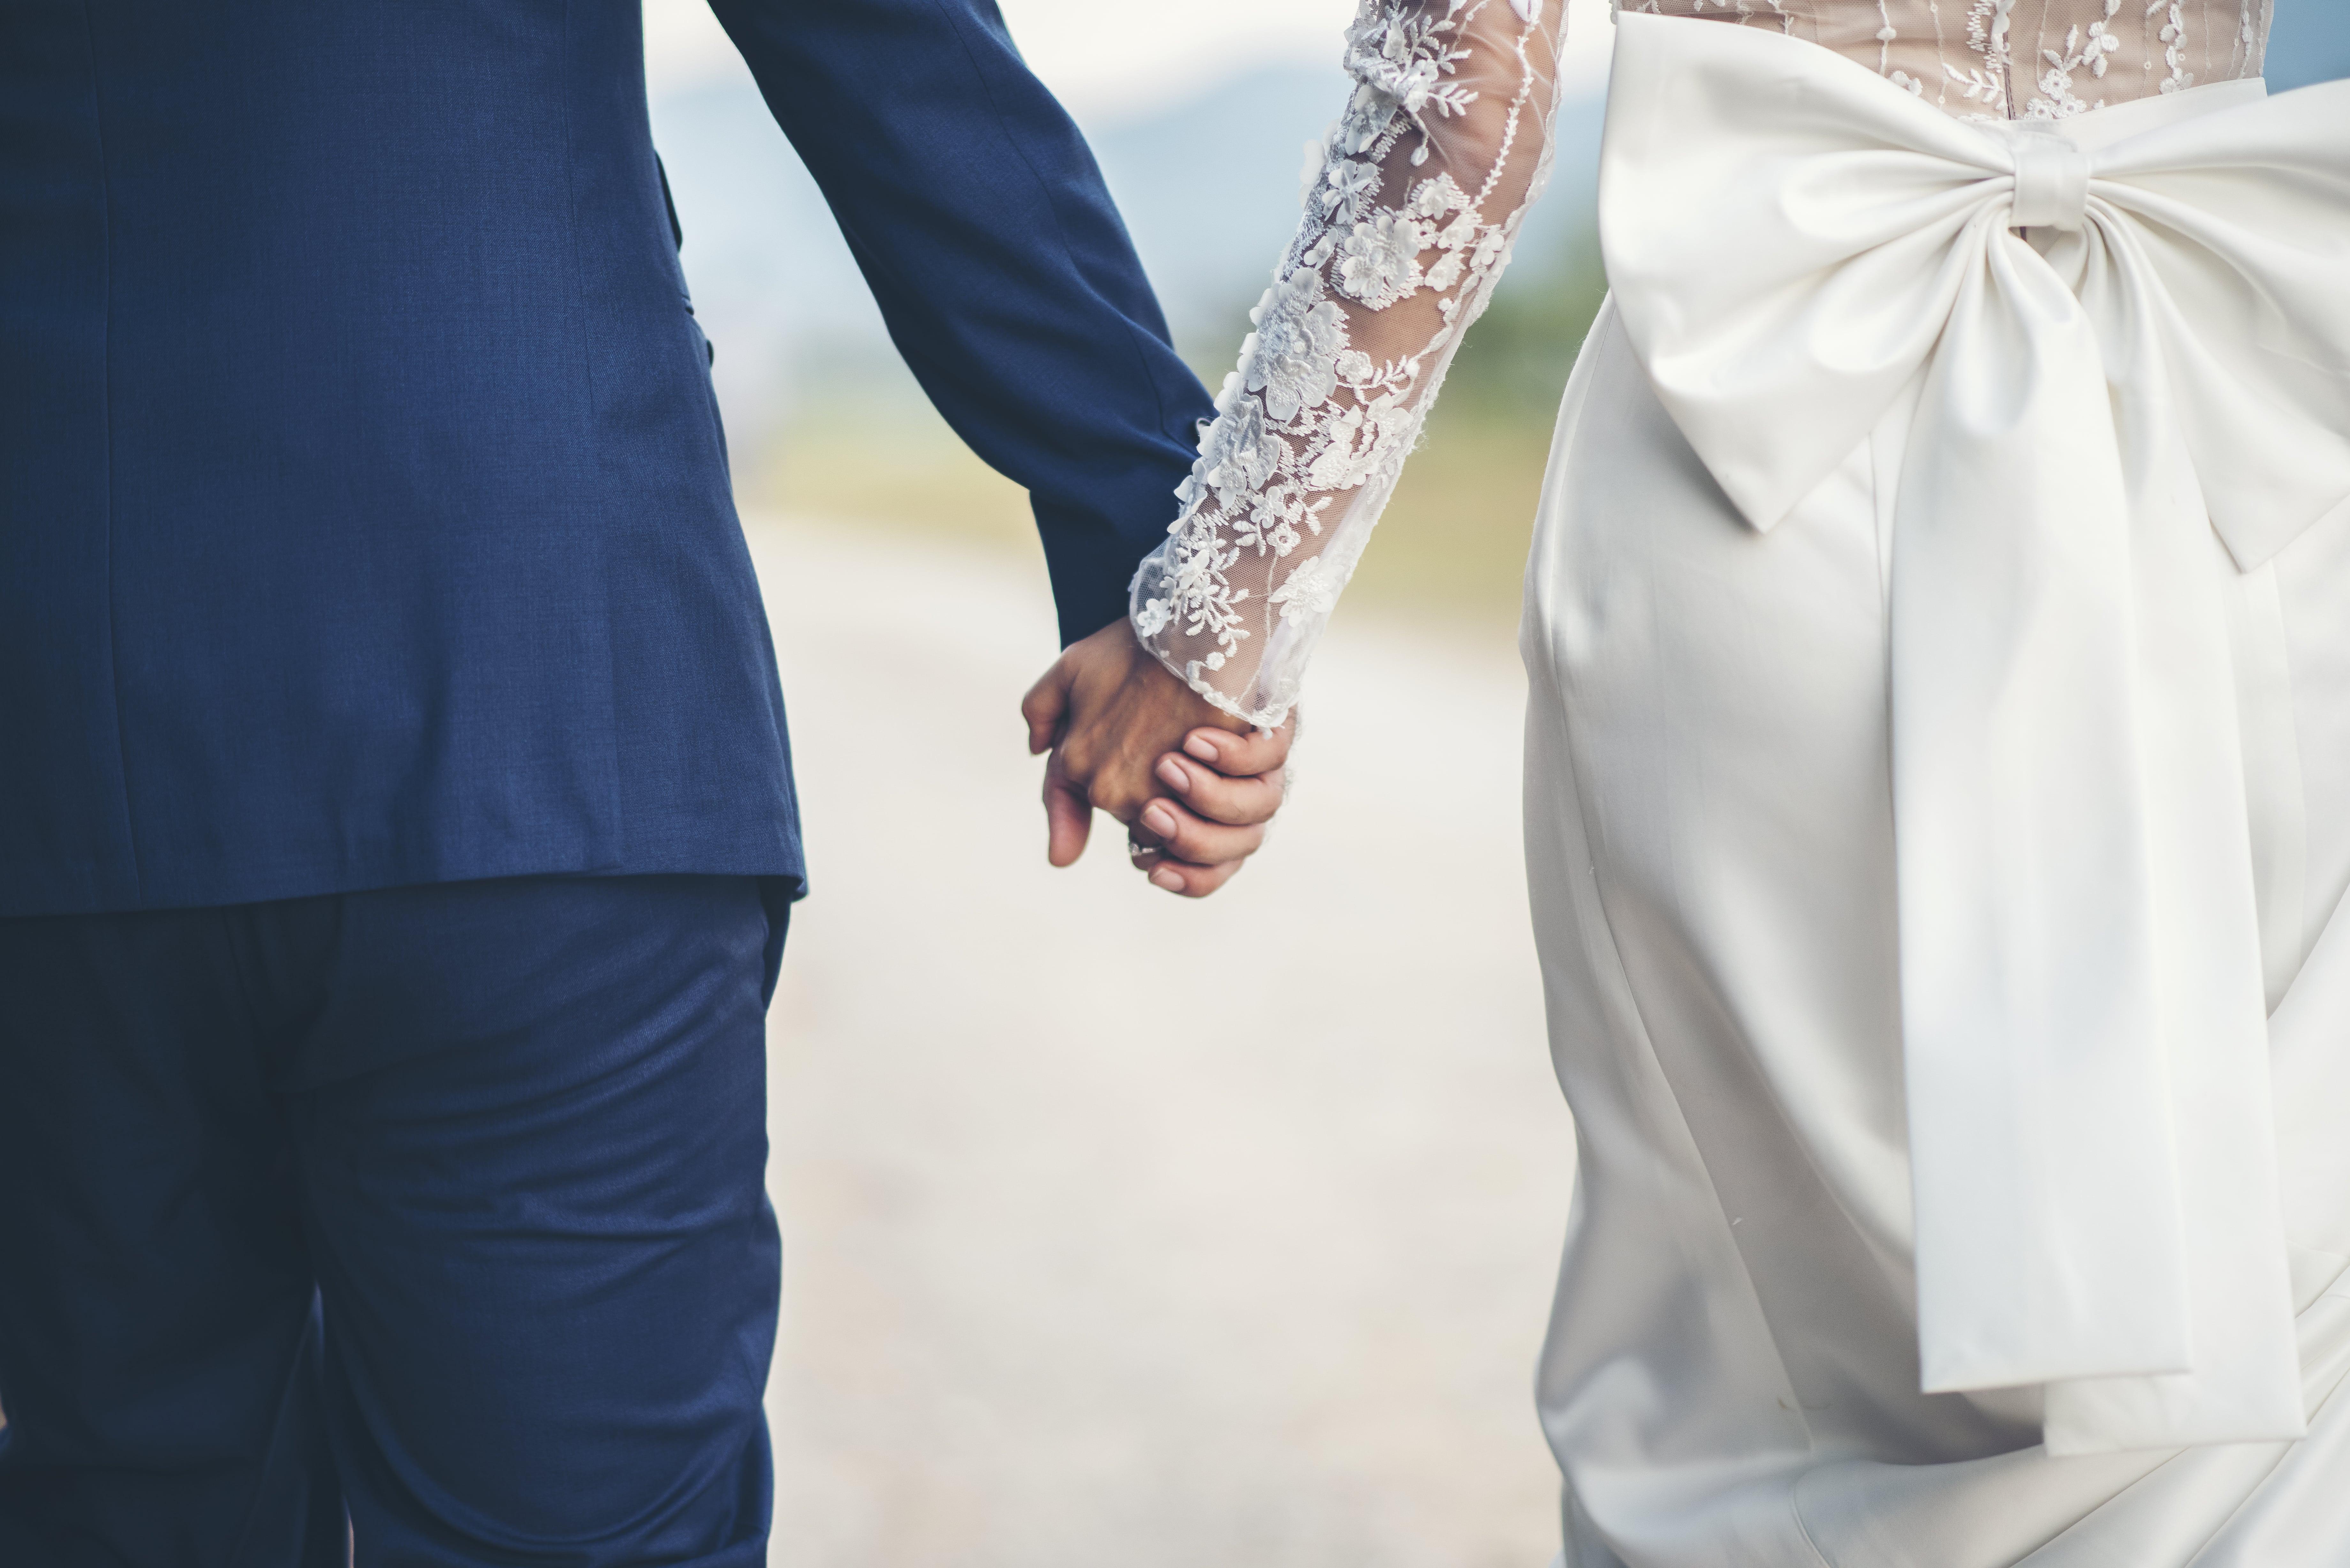 settore-wedding-in-campania-si-lavora-per-la-ripresa-a-meta-giugno